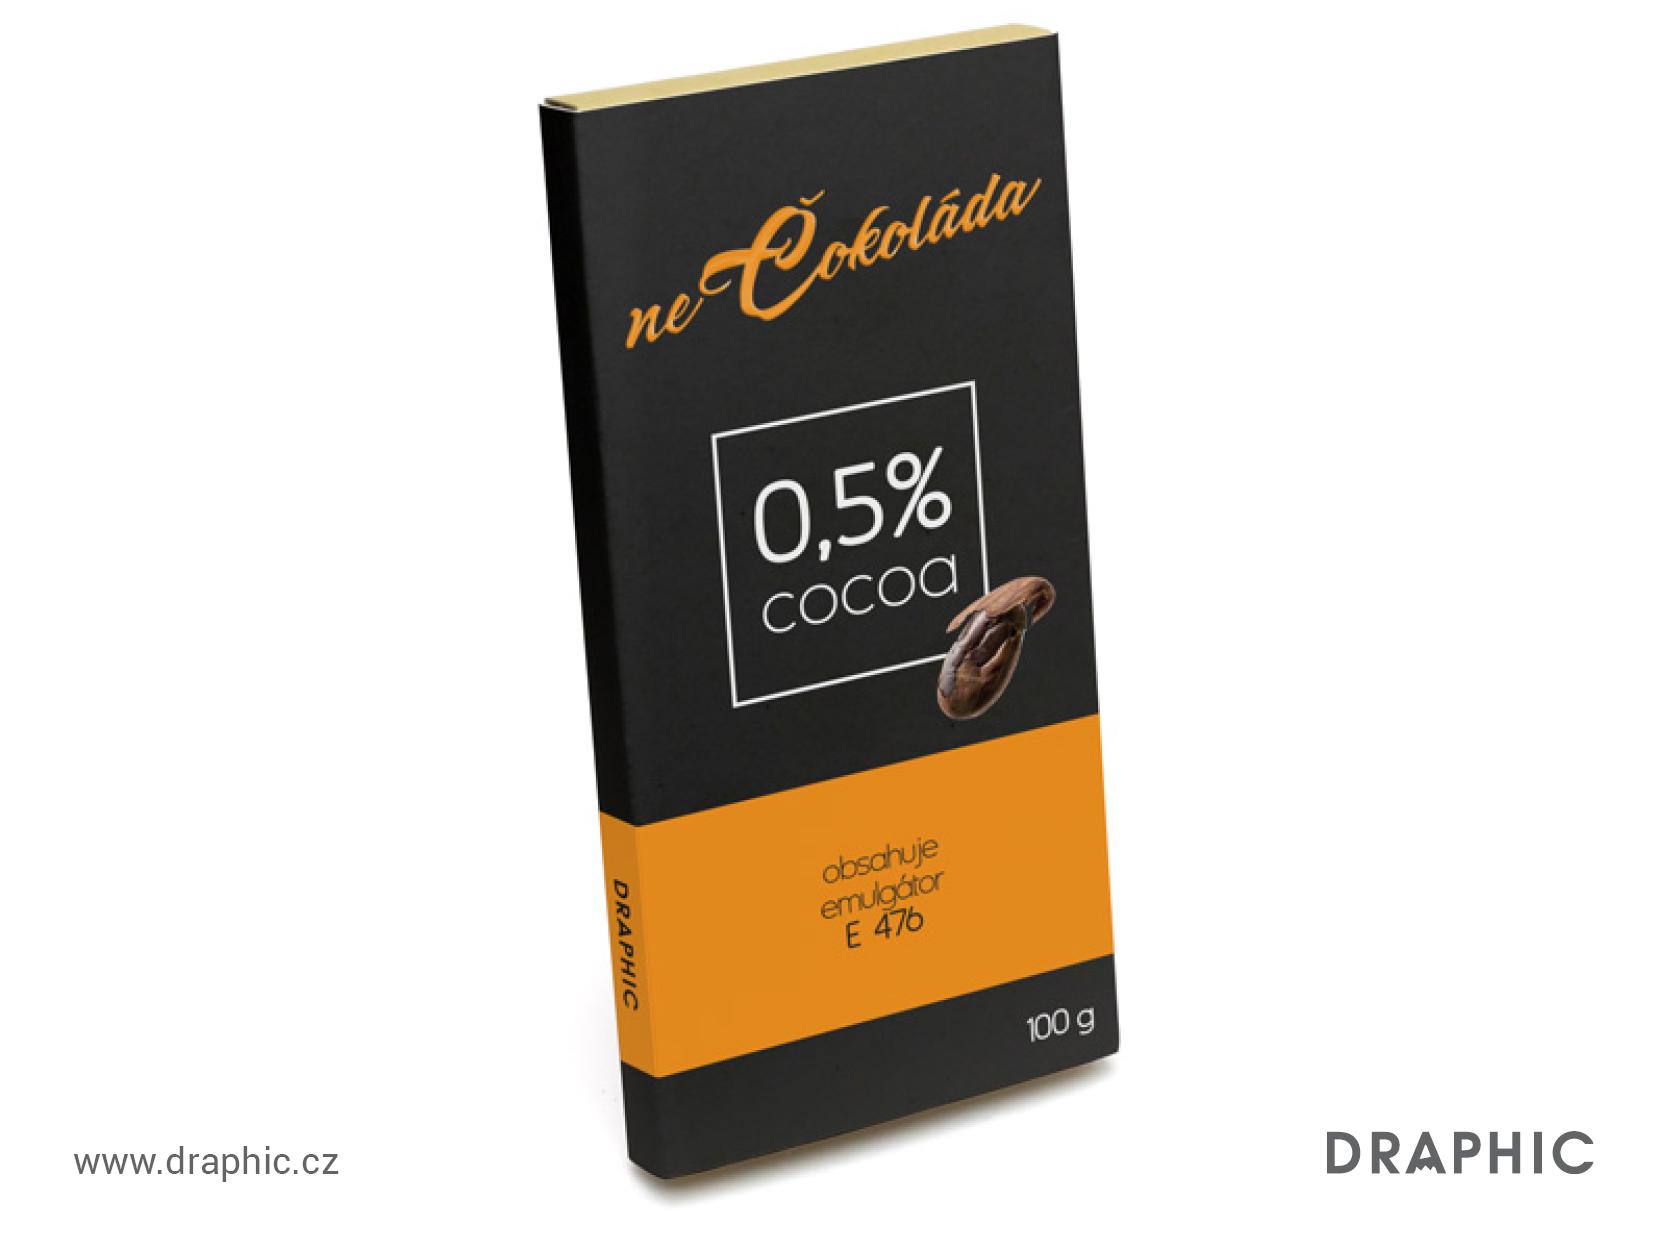 draphic-06